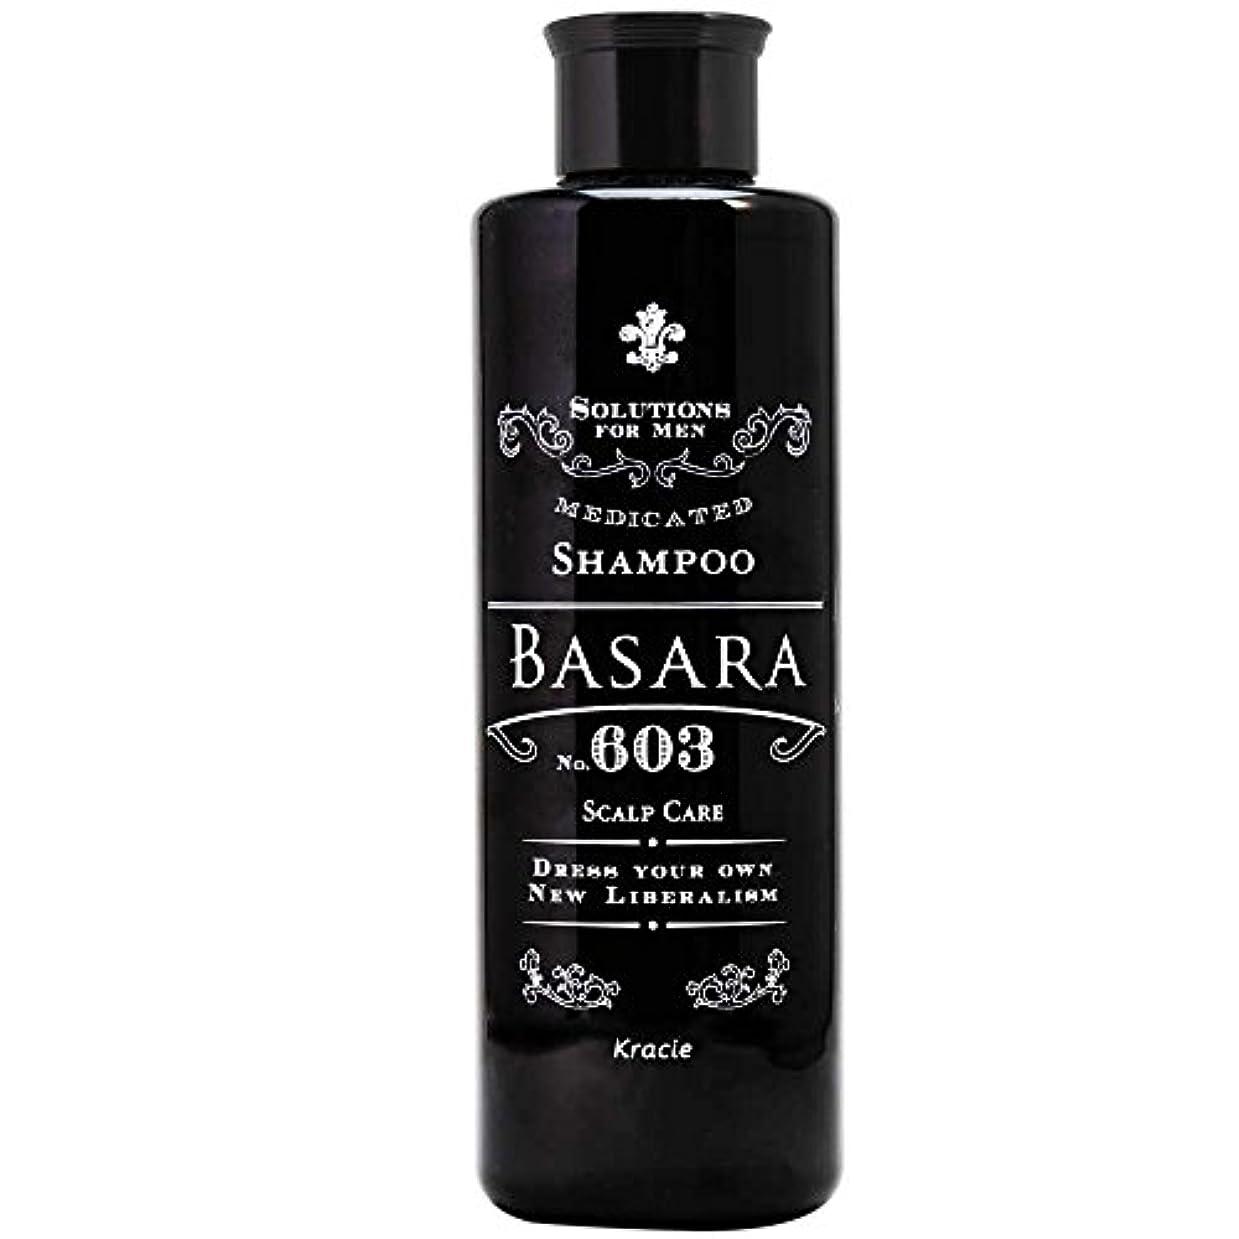 基礎理論徒歩で結紮クラシエ バサラ 603 薬用スカルプシャンプー 250ml